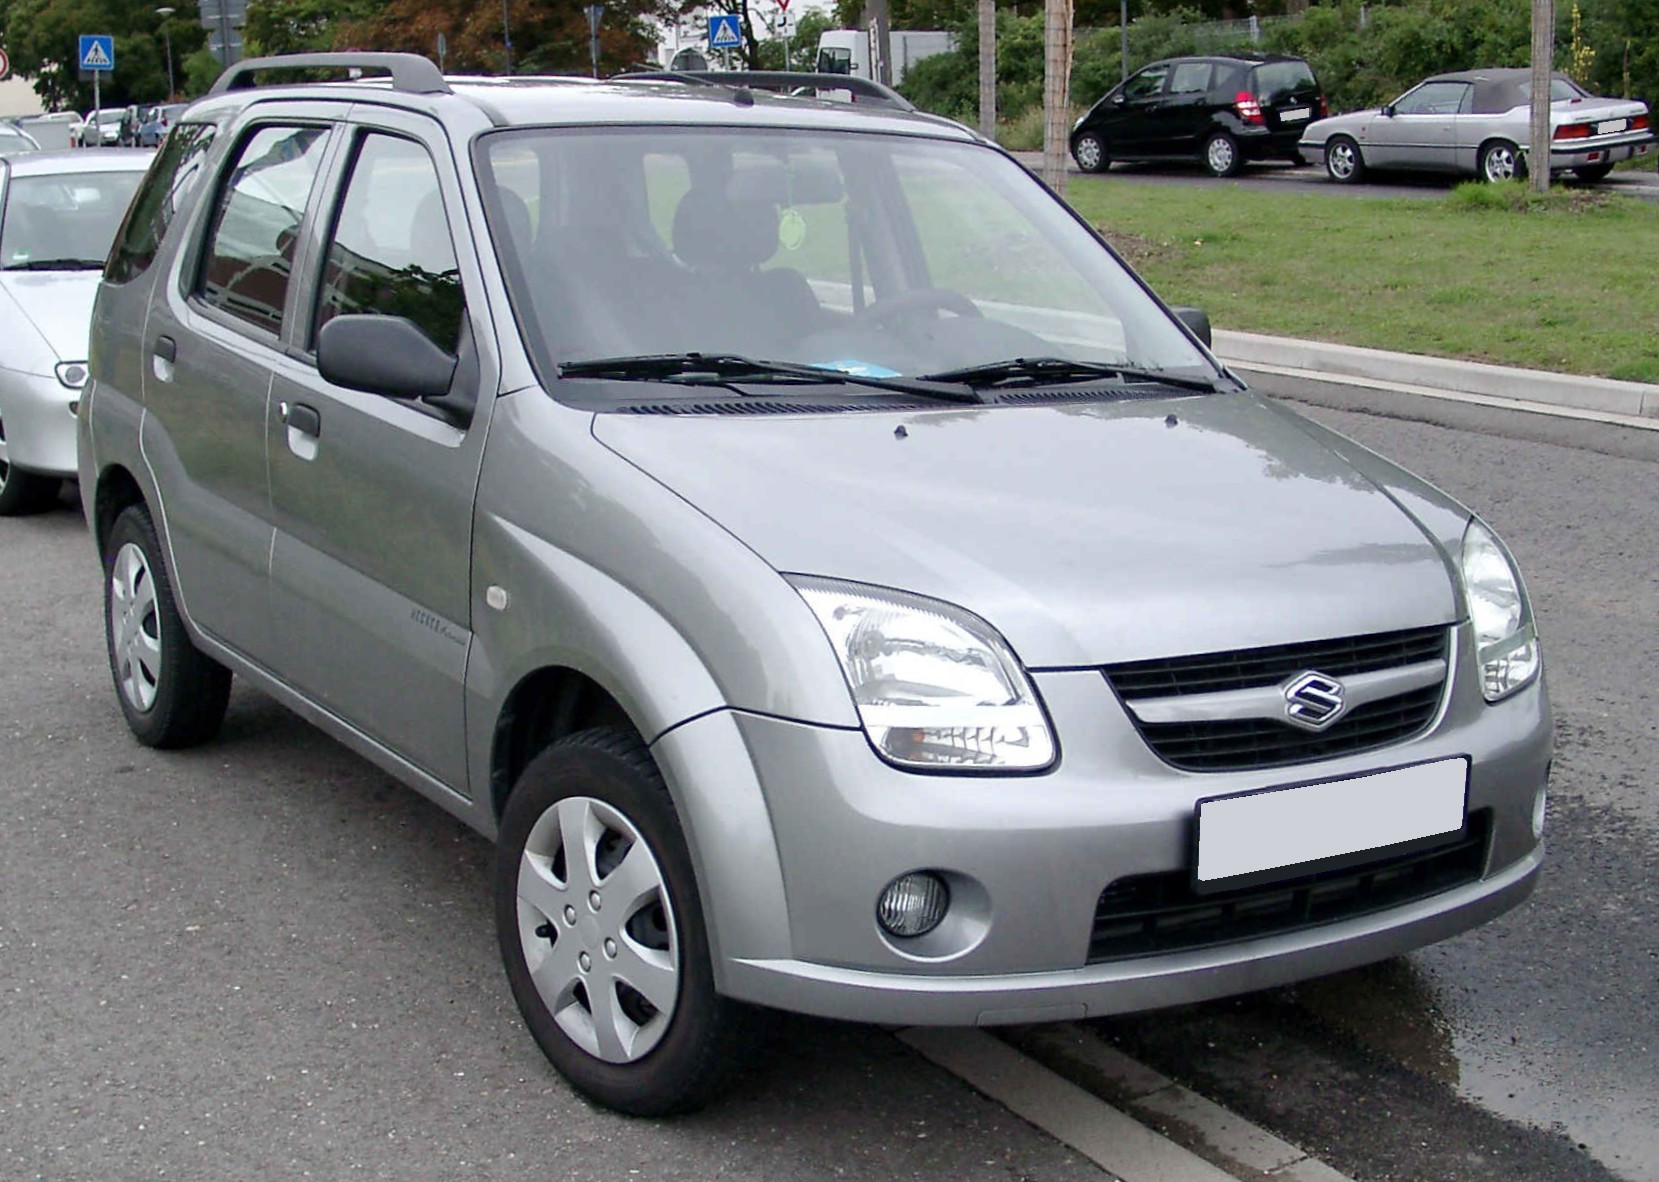 File:Suzuki Ignis Front 20080820.jpg